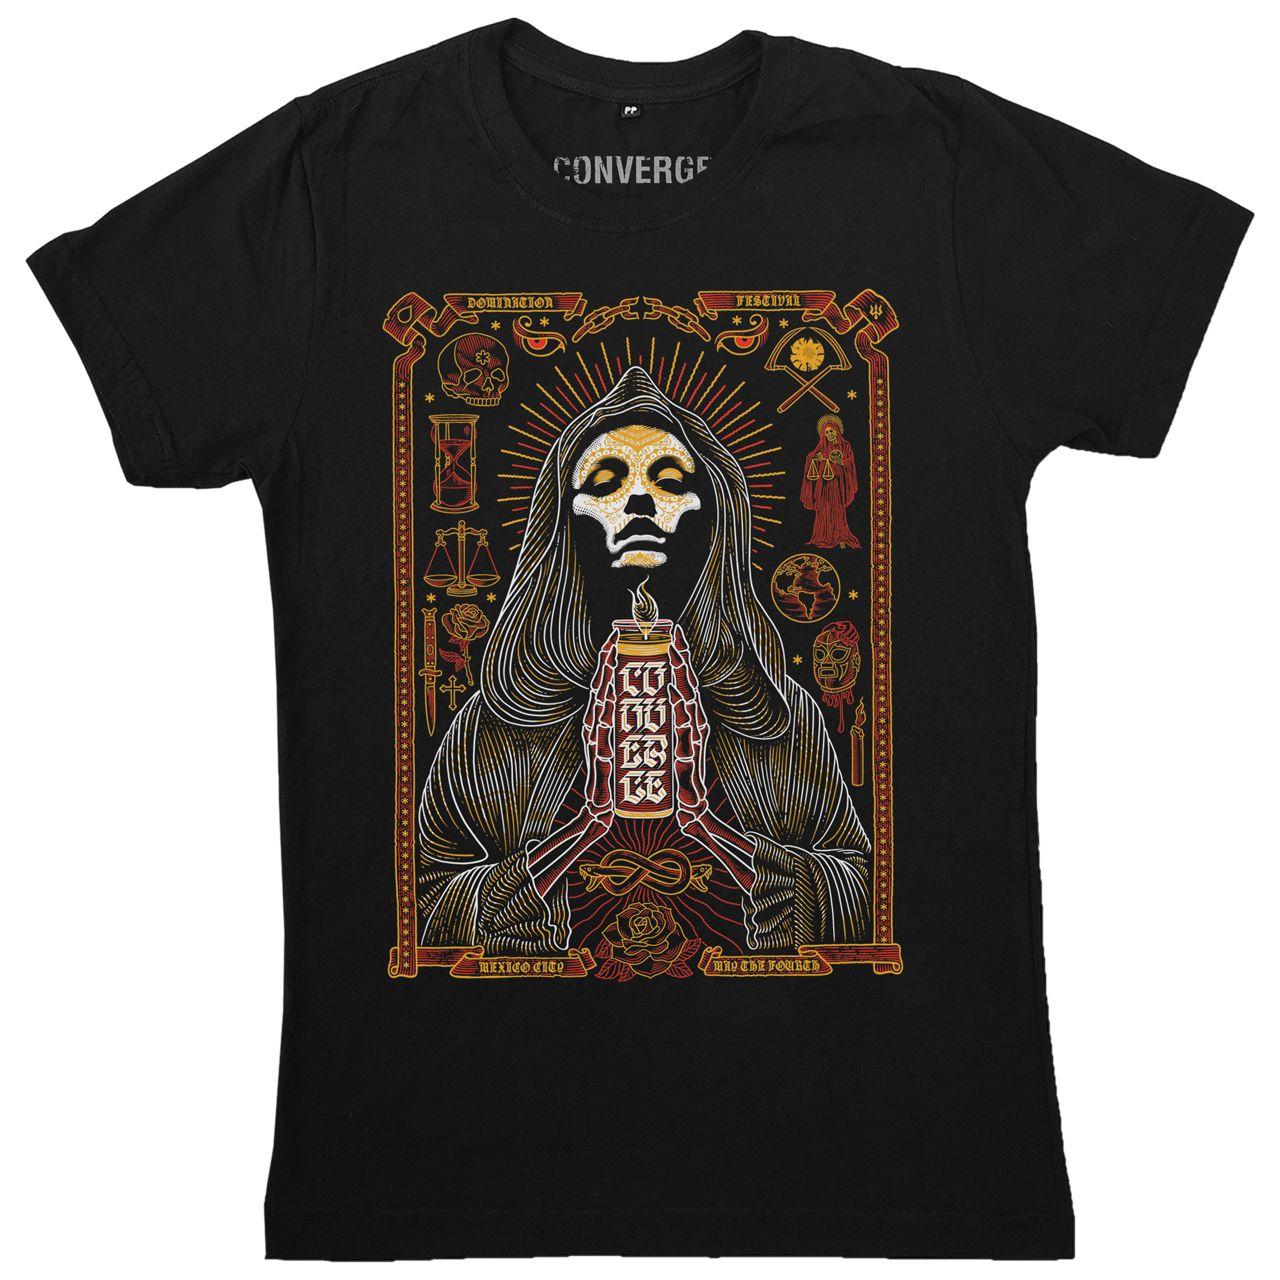 Converge - Domination Fest [Camiseta Importada]